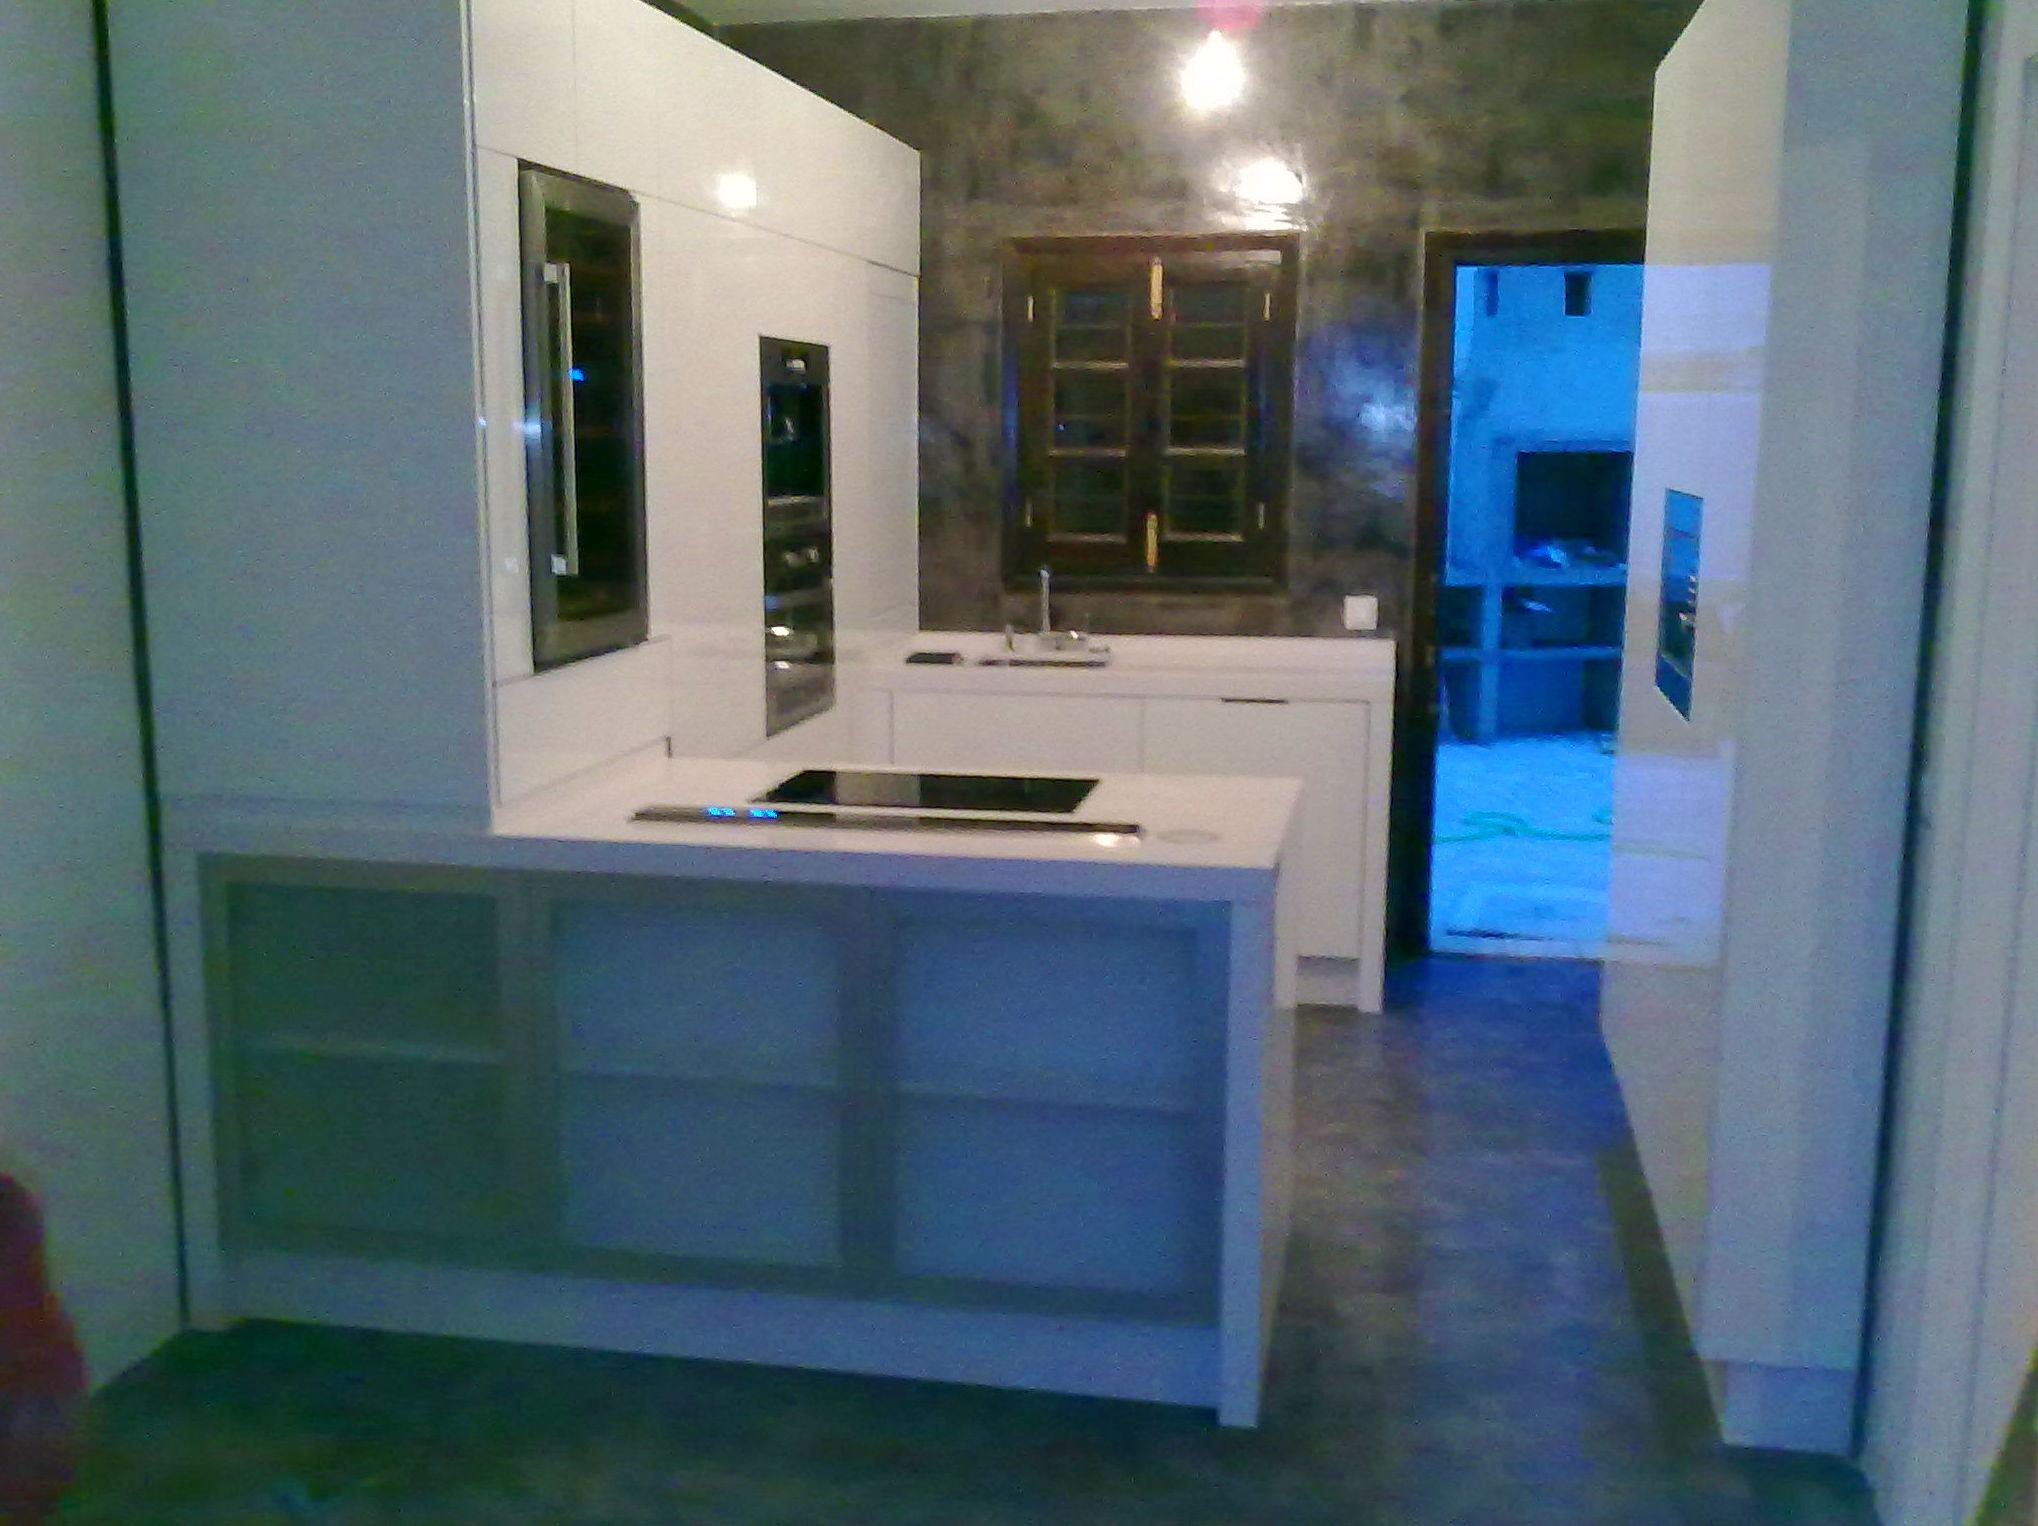 Cocina minimalista en laminado blanco, alto brillo